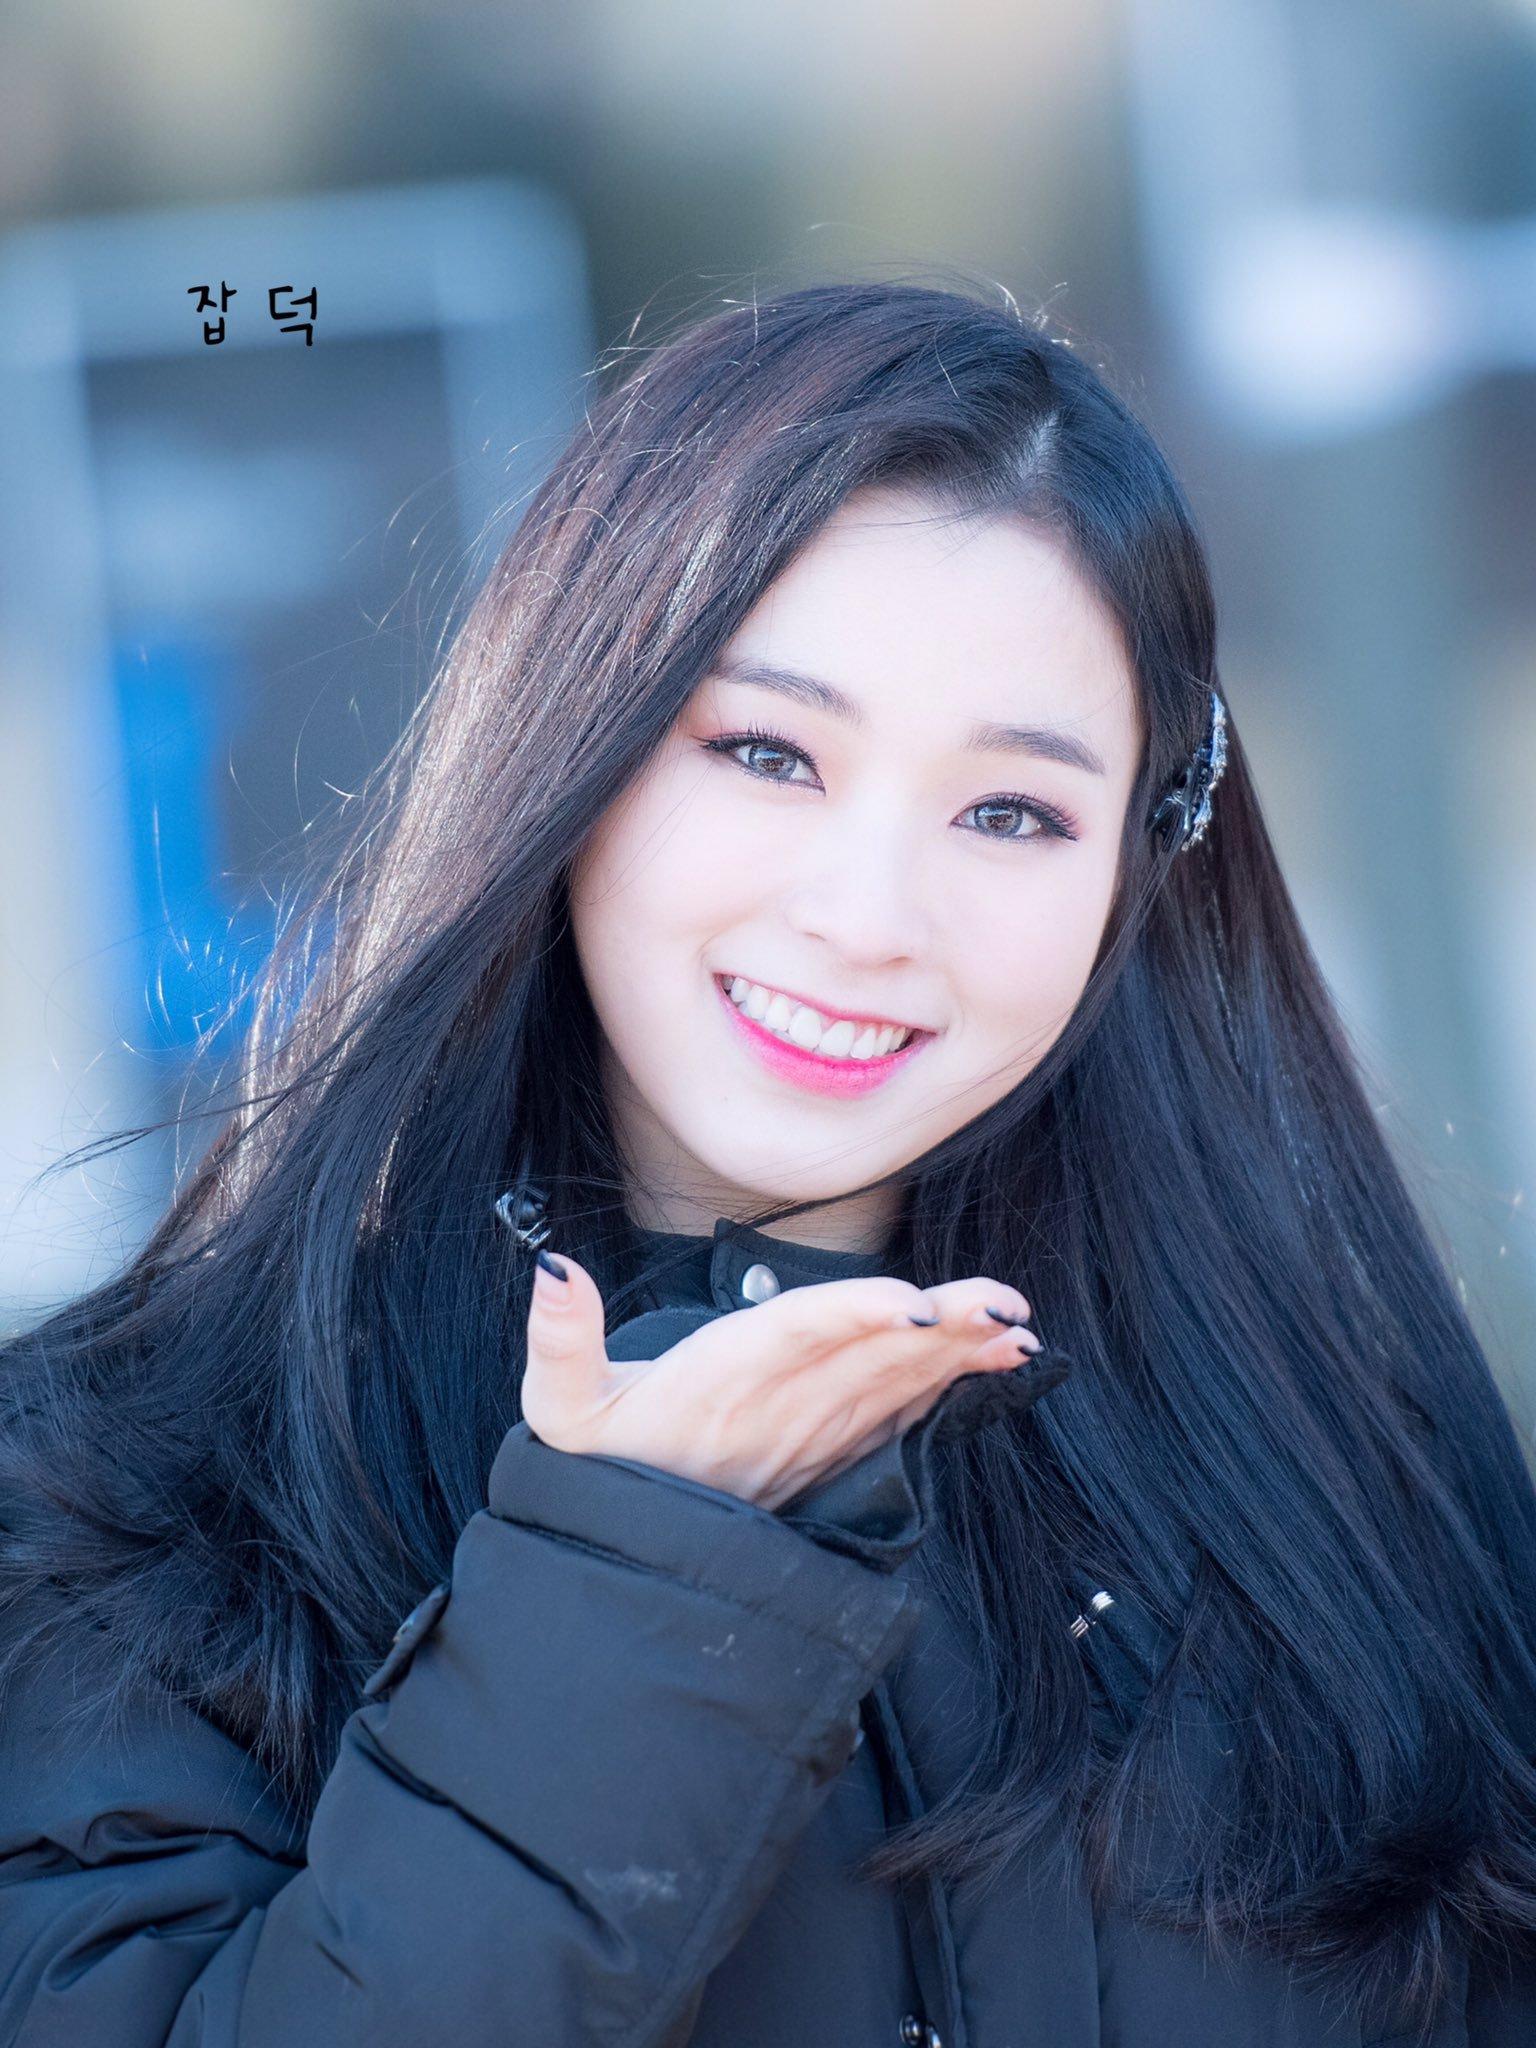 Gahyeon1